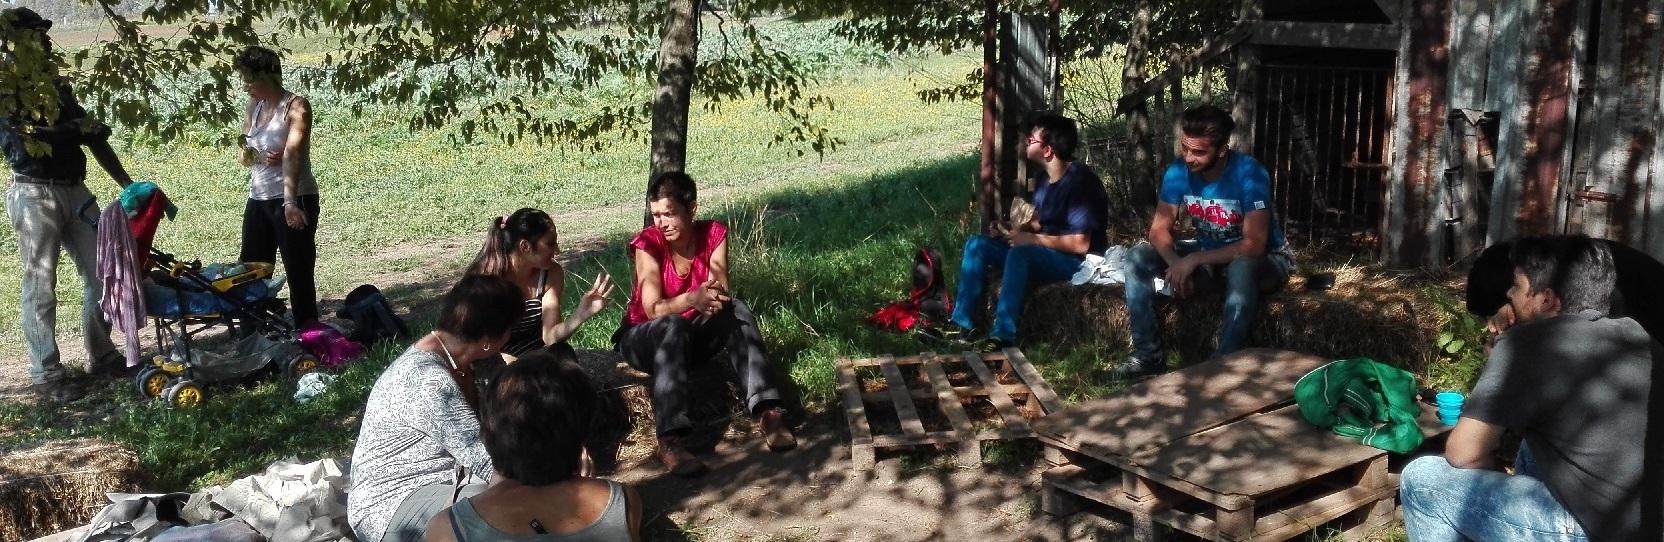 Provare un'esperienza di inclusione con l'agricoltura sociale negli orti biologici de La Nuova Arca era l'obiettivo della prima delle Giornate di Agricoltura Sociale